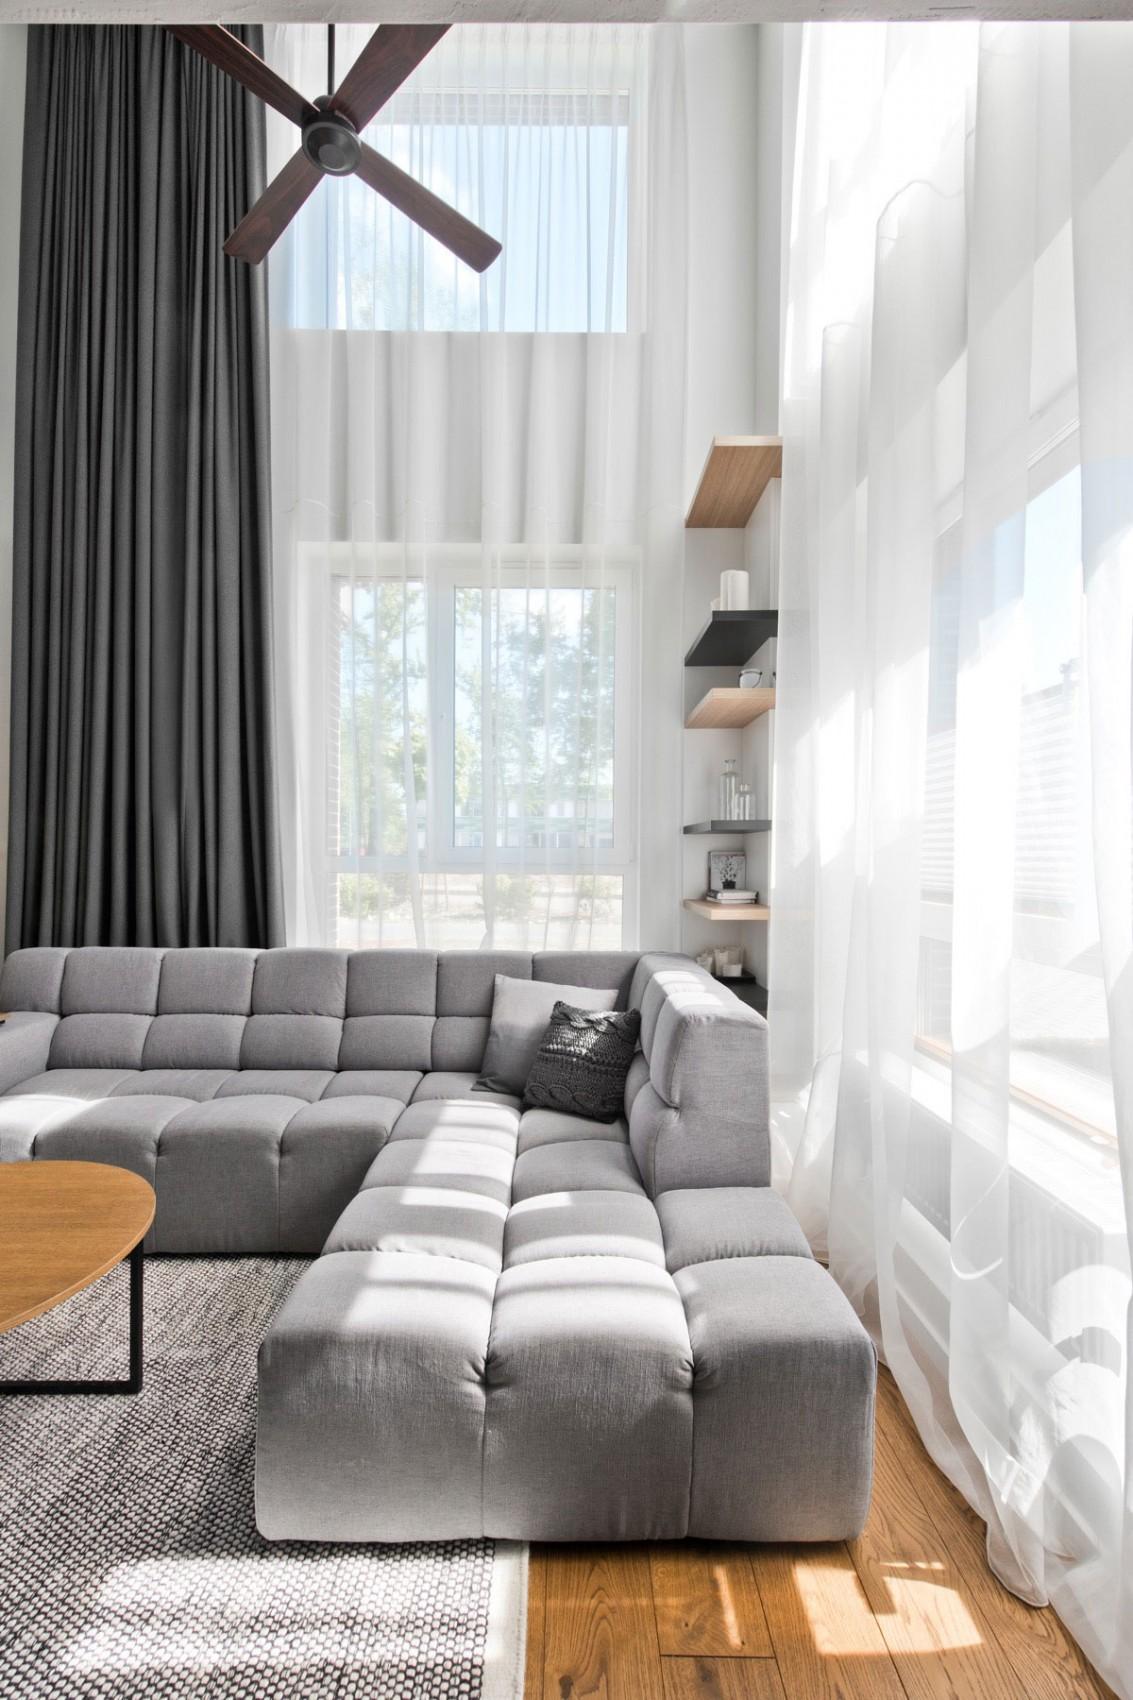 Fullsize Of Small Apartment Interior Ideas